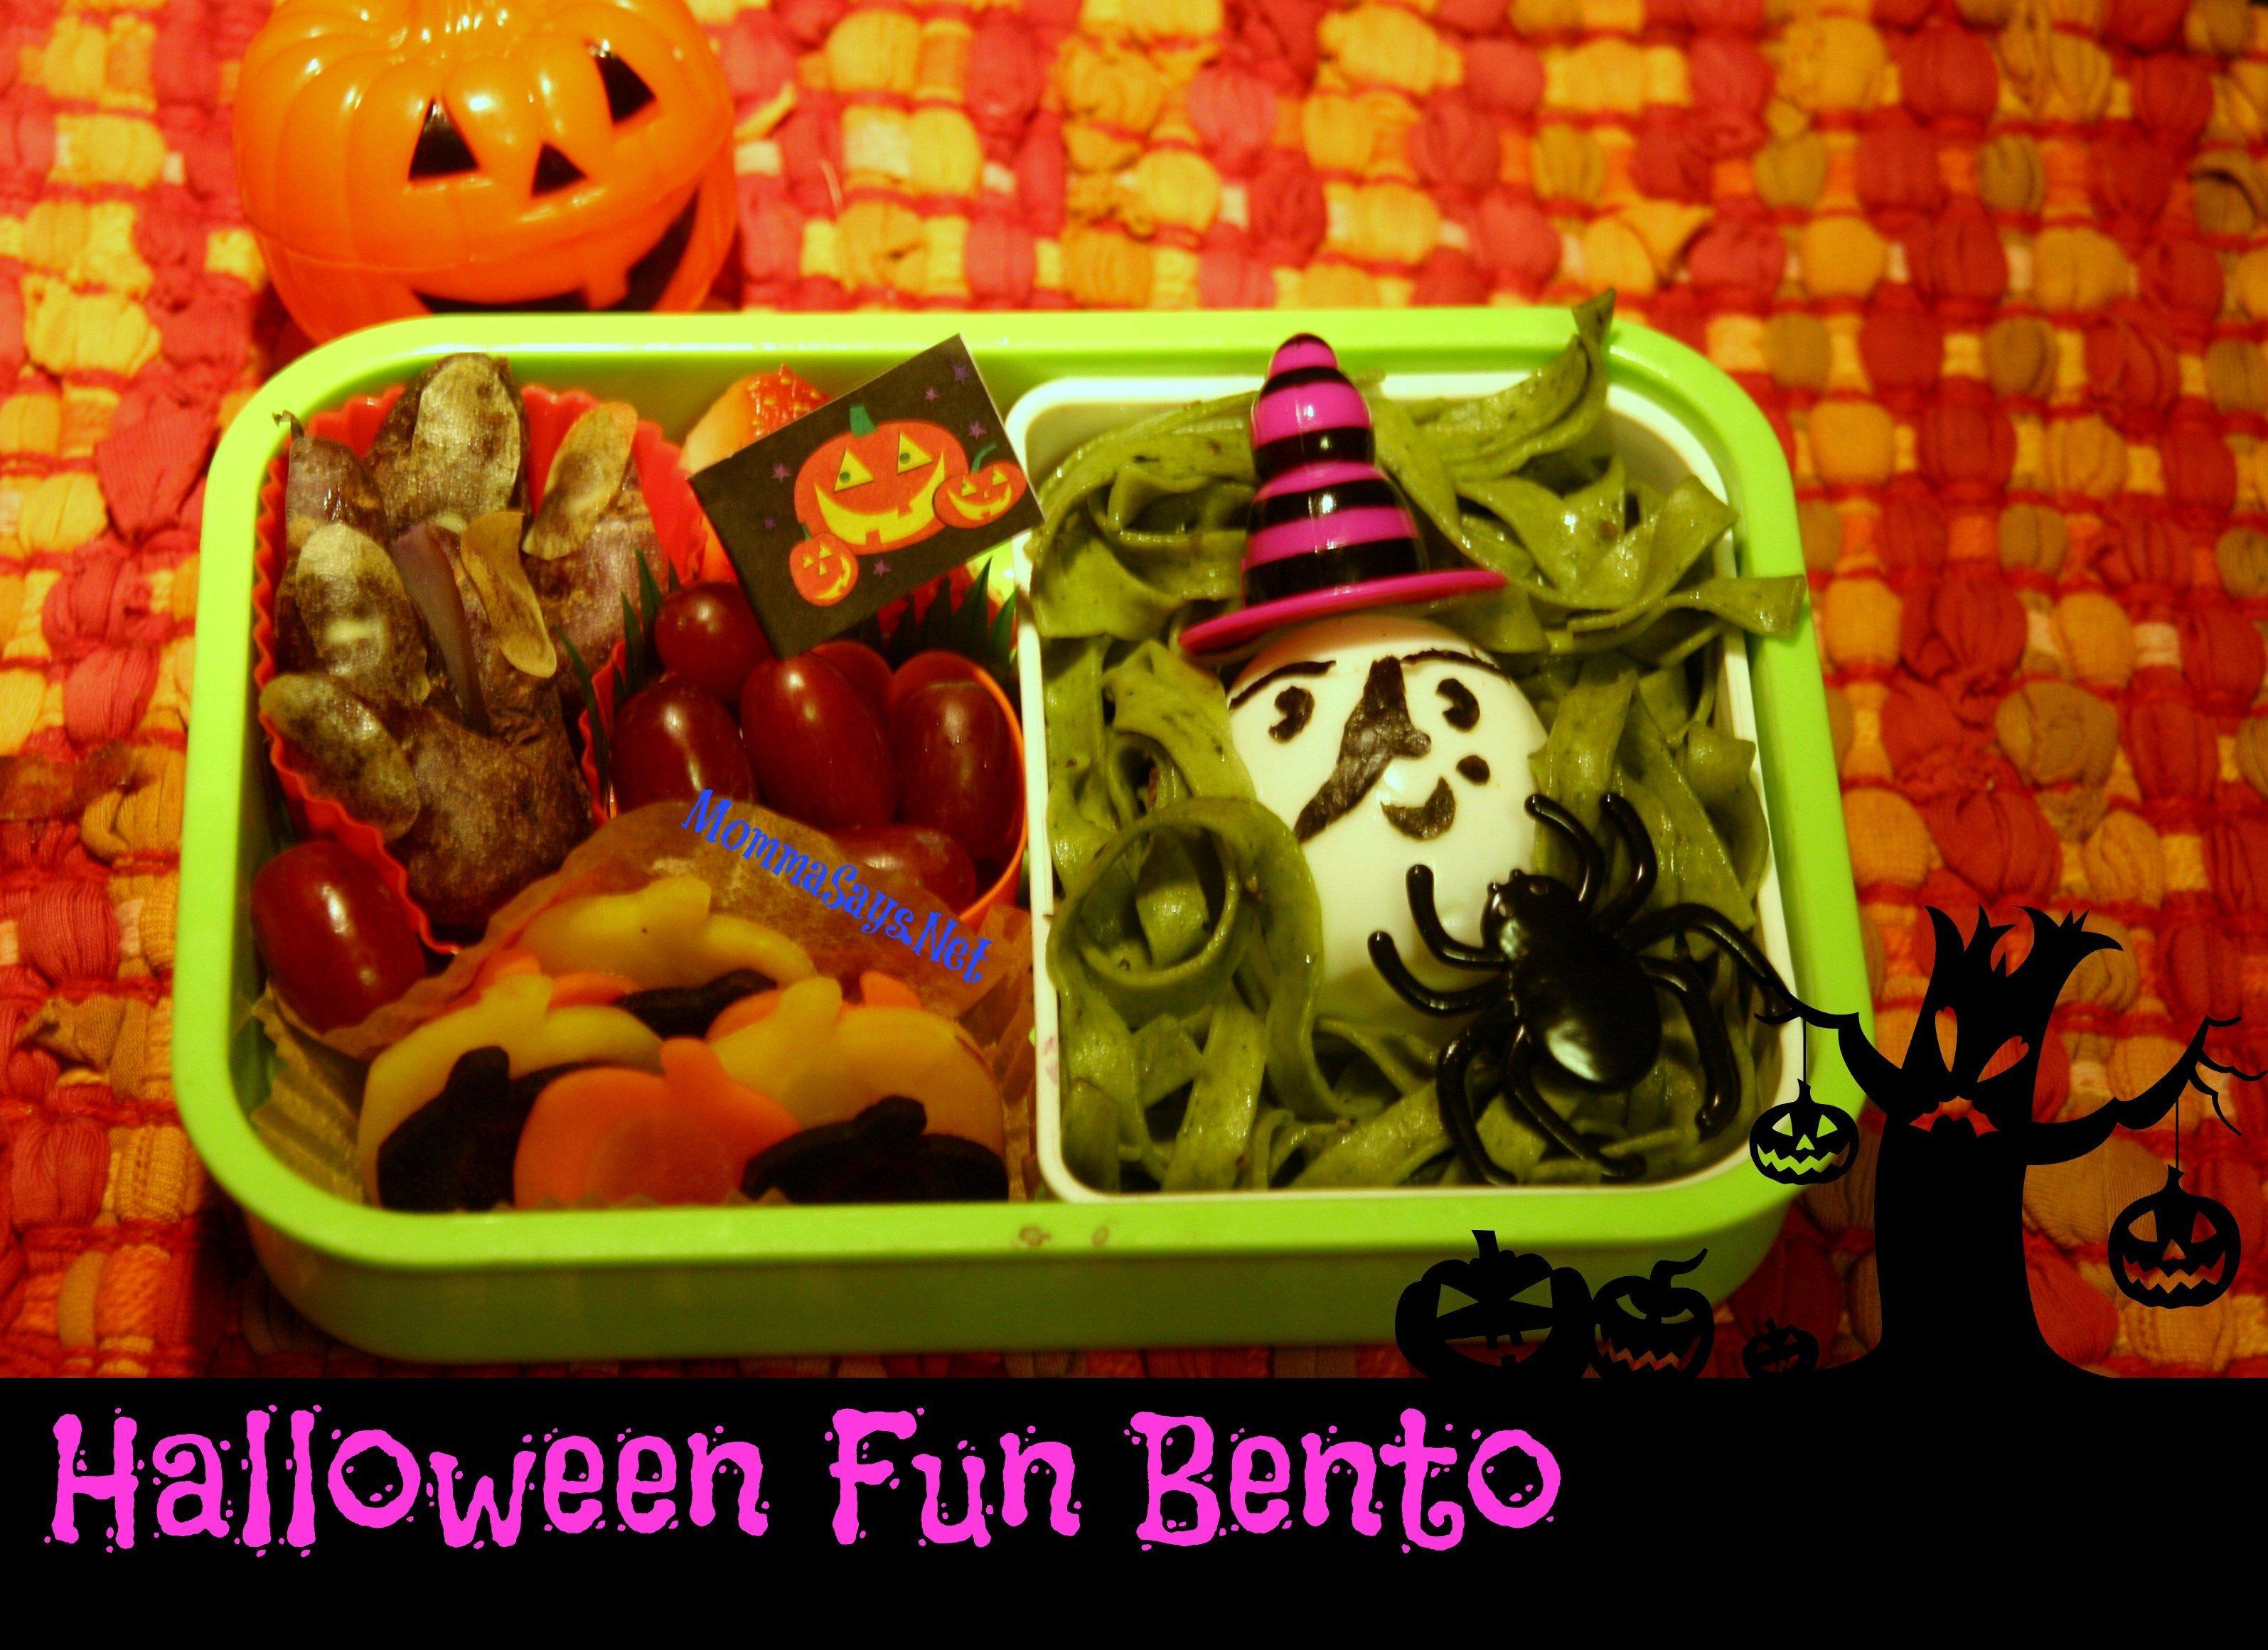 HalloweenFunBento